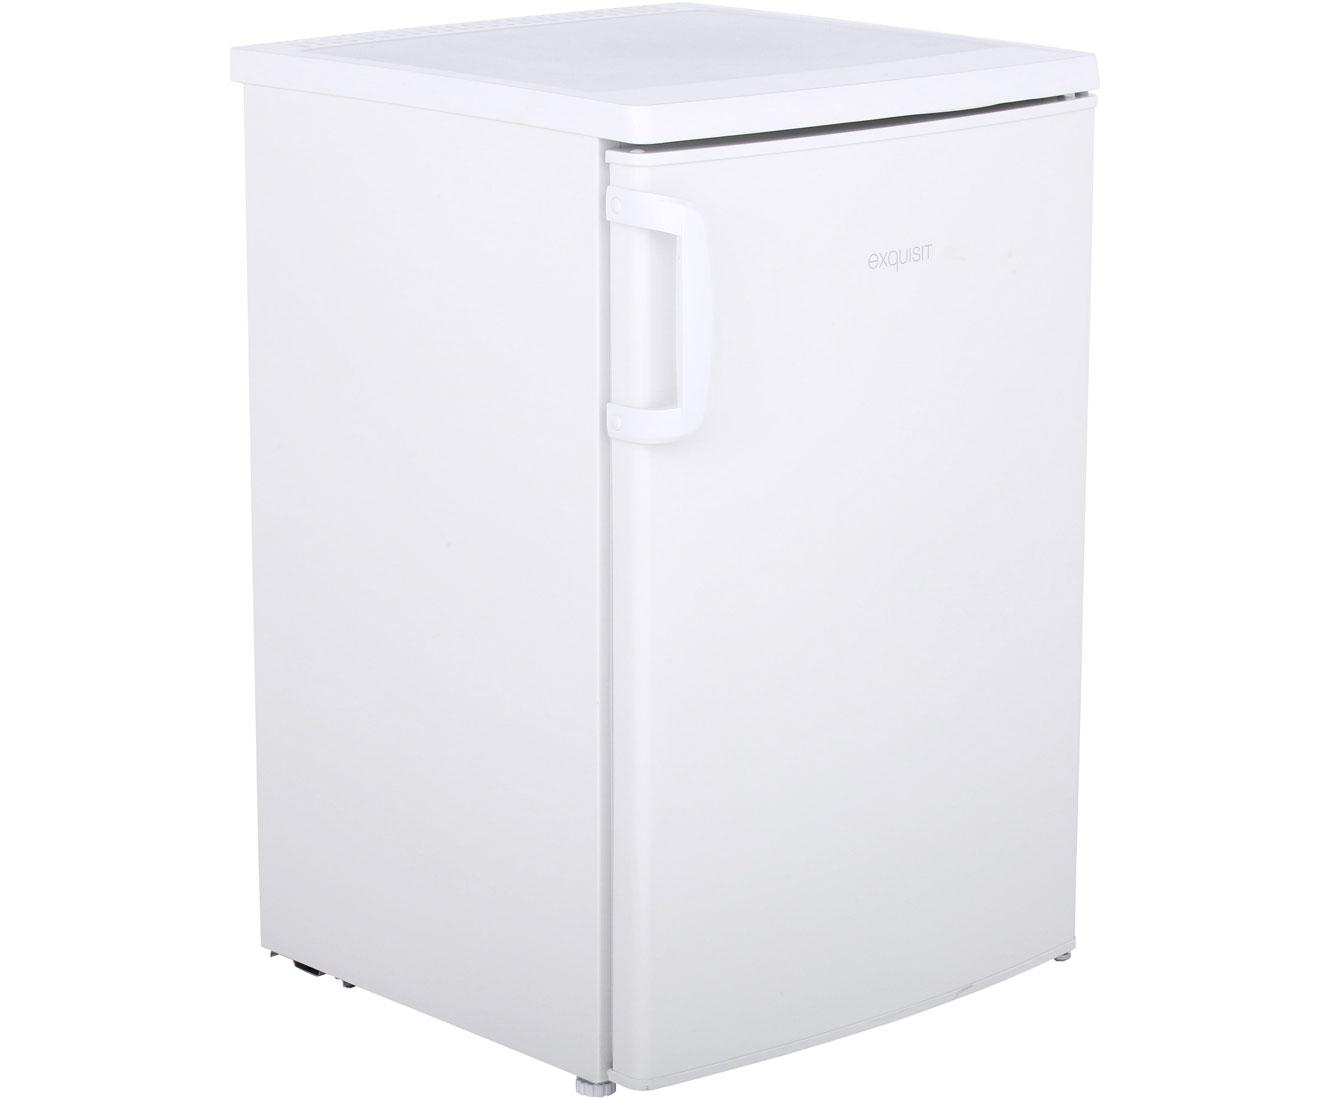 Bomann Kühlschrank Vs 354 : Rabatt preisvergleich weiße ware u e kühlen gefrieren u e kühlschrank